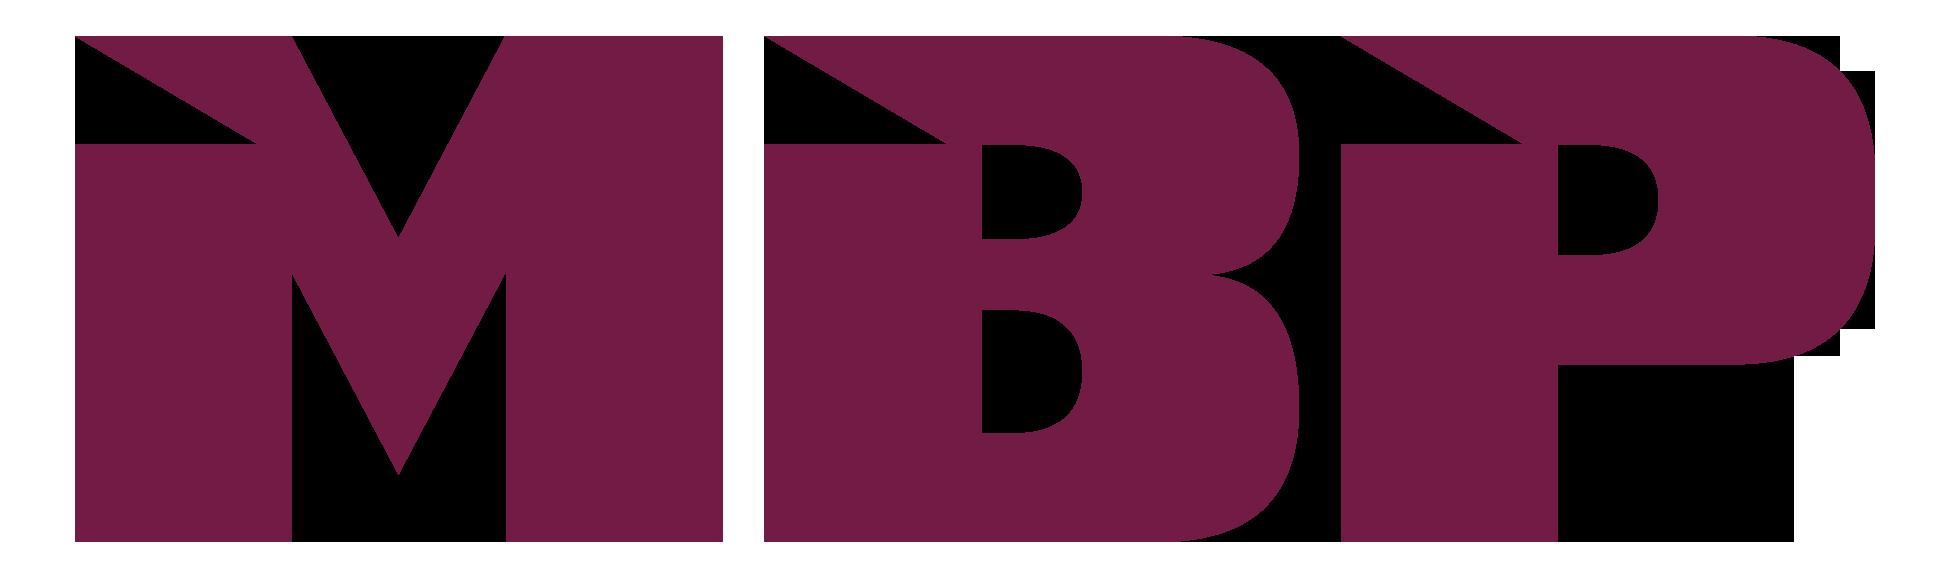 MBP_logo_maroon.png